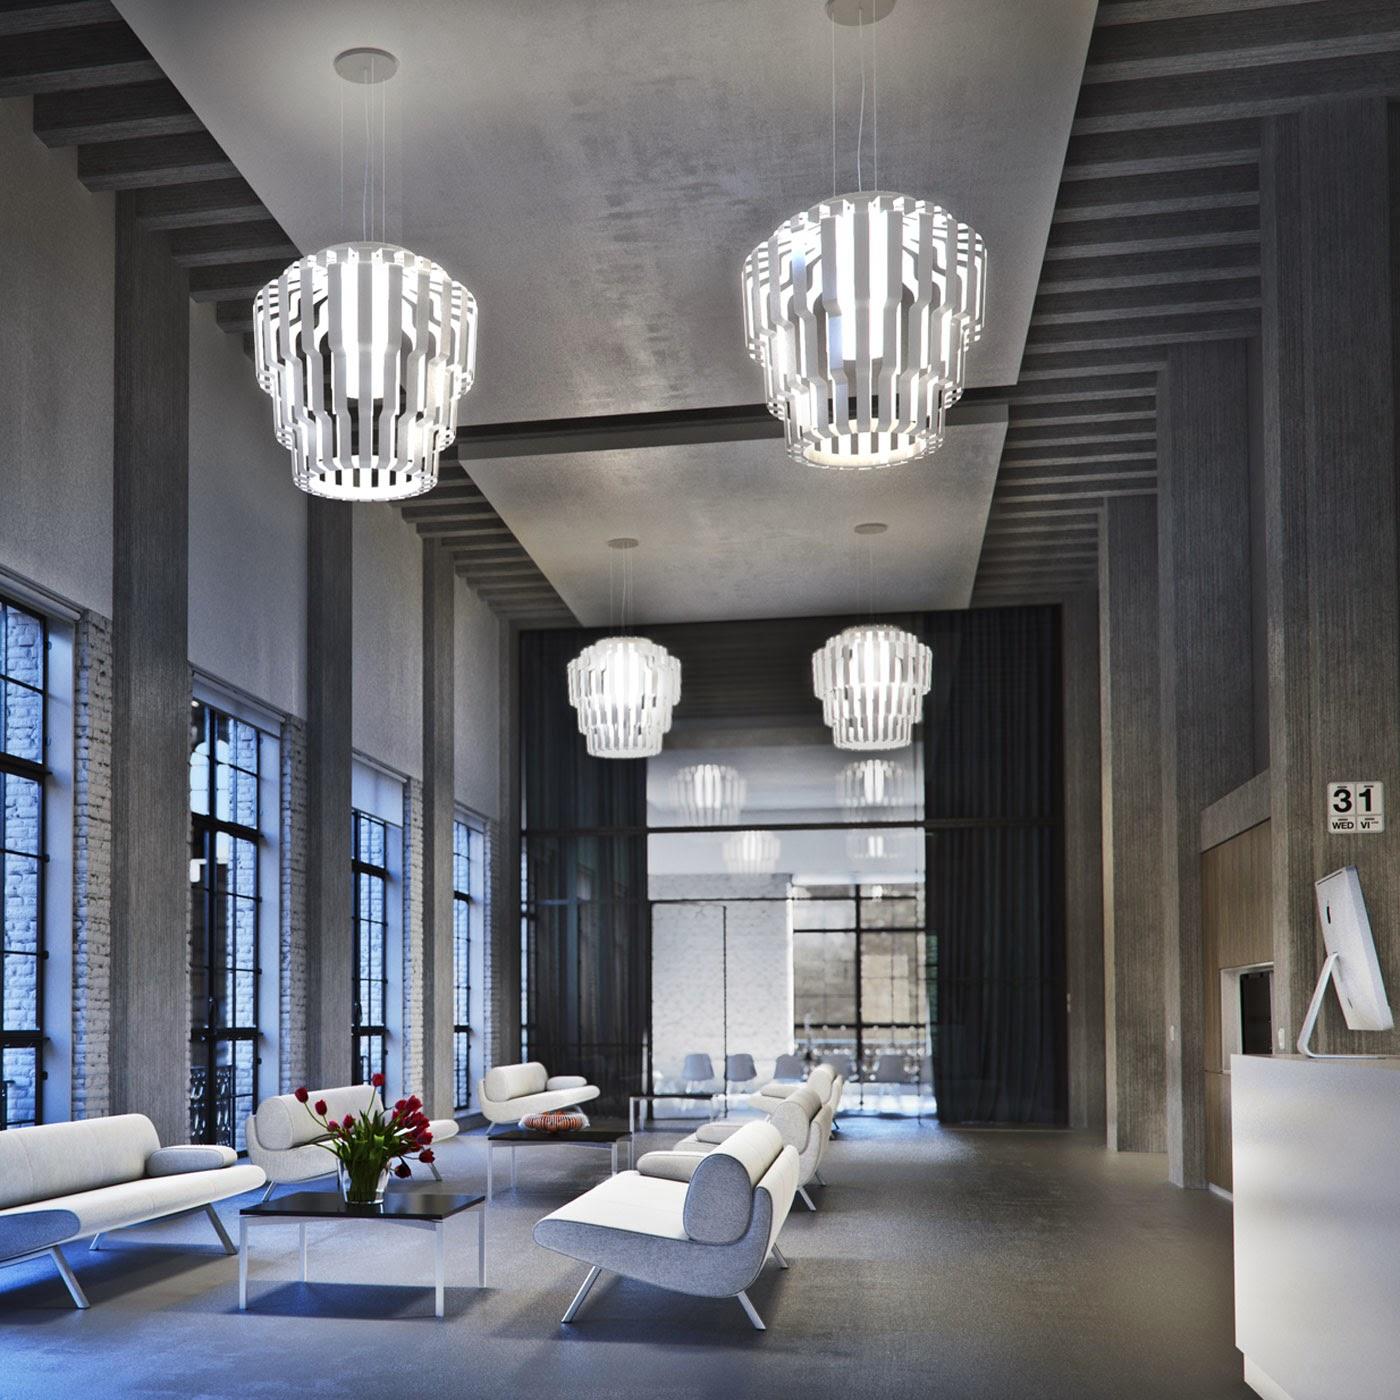 pendelleuchte gro e r ume glas pendelleuchte modern. Black Bedroom Furniture Sets. Home Design Ideas